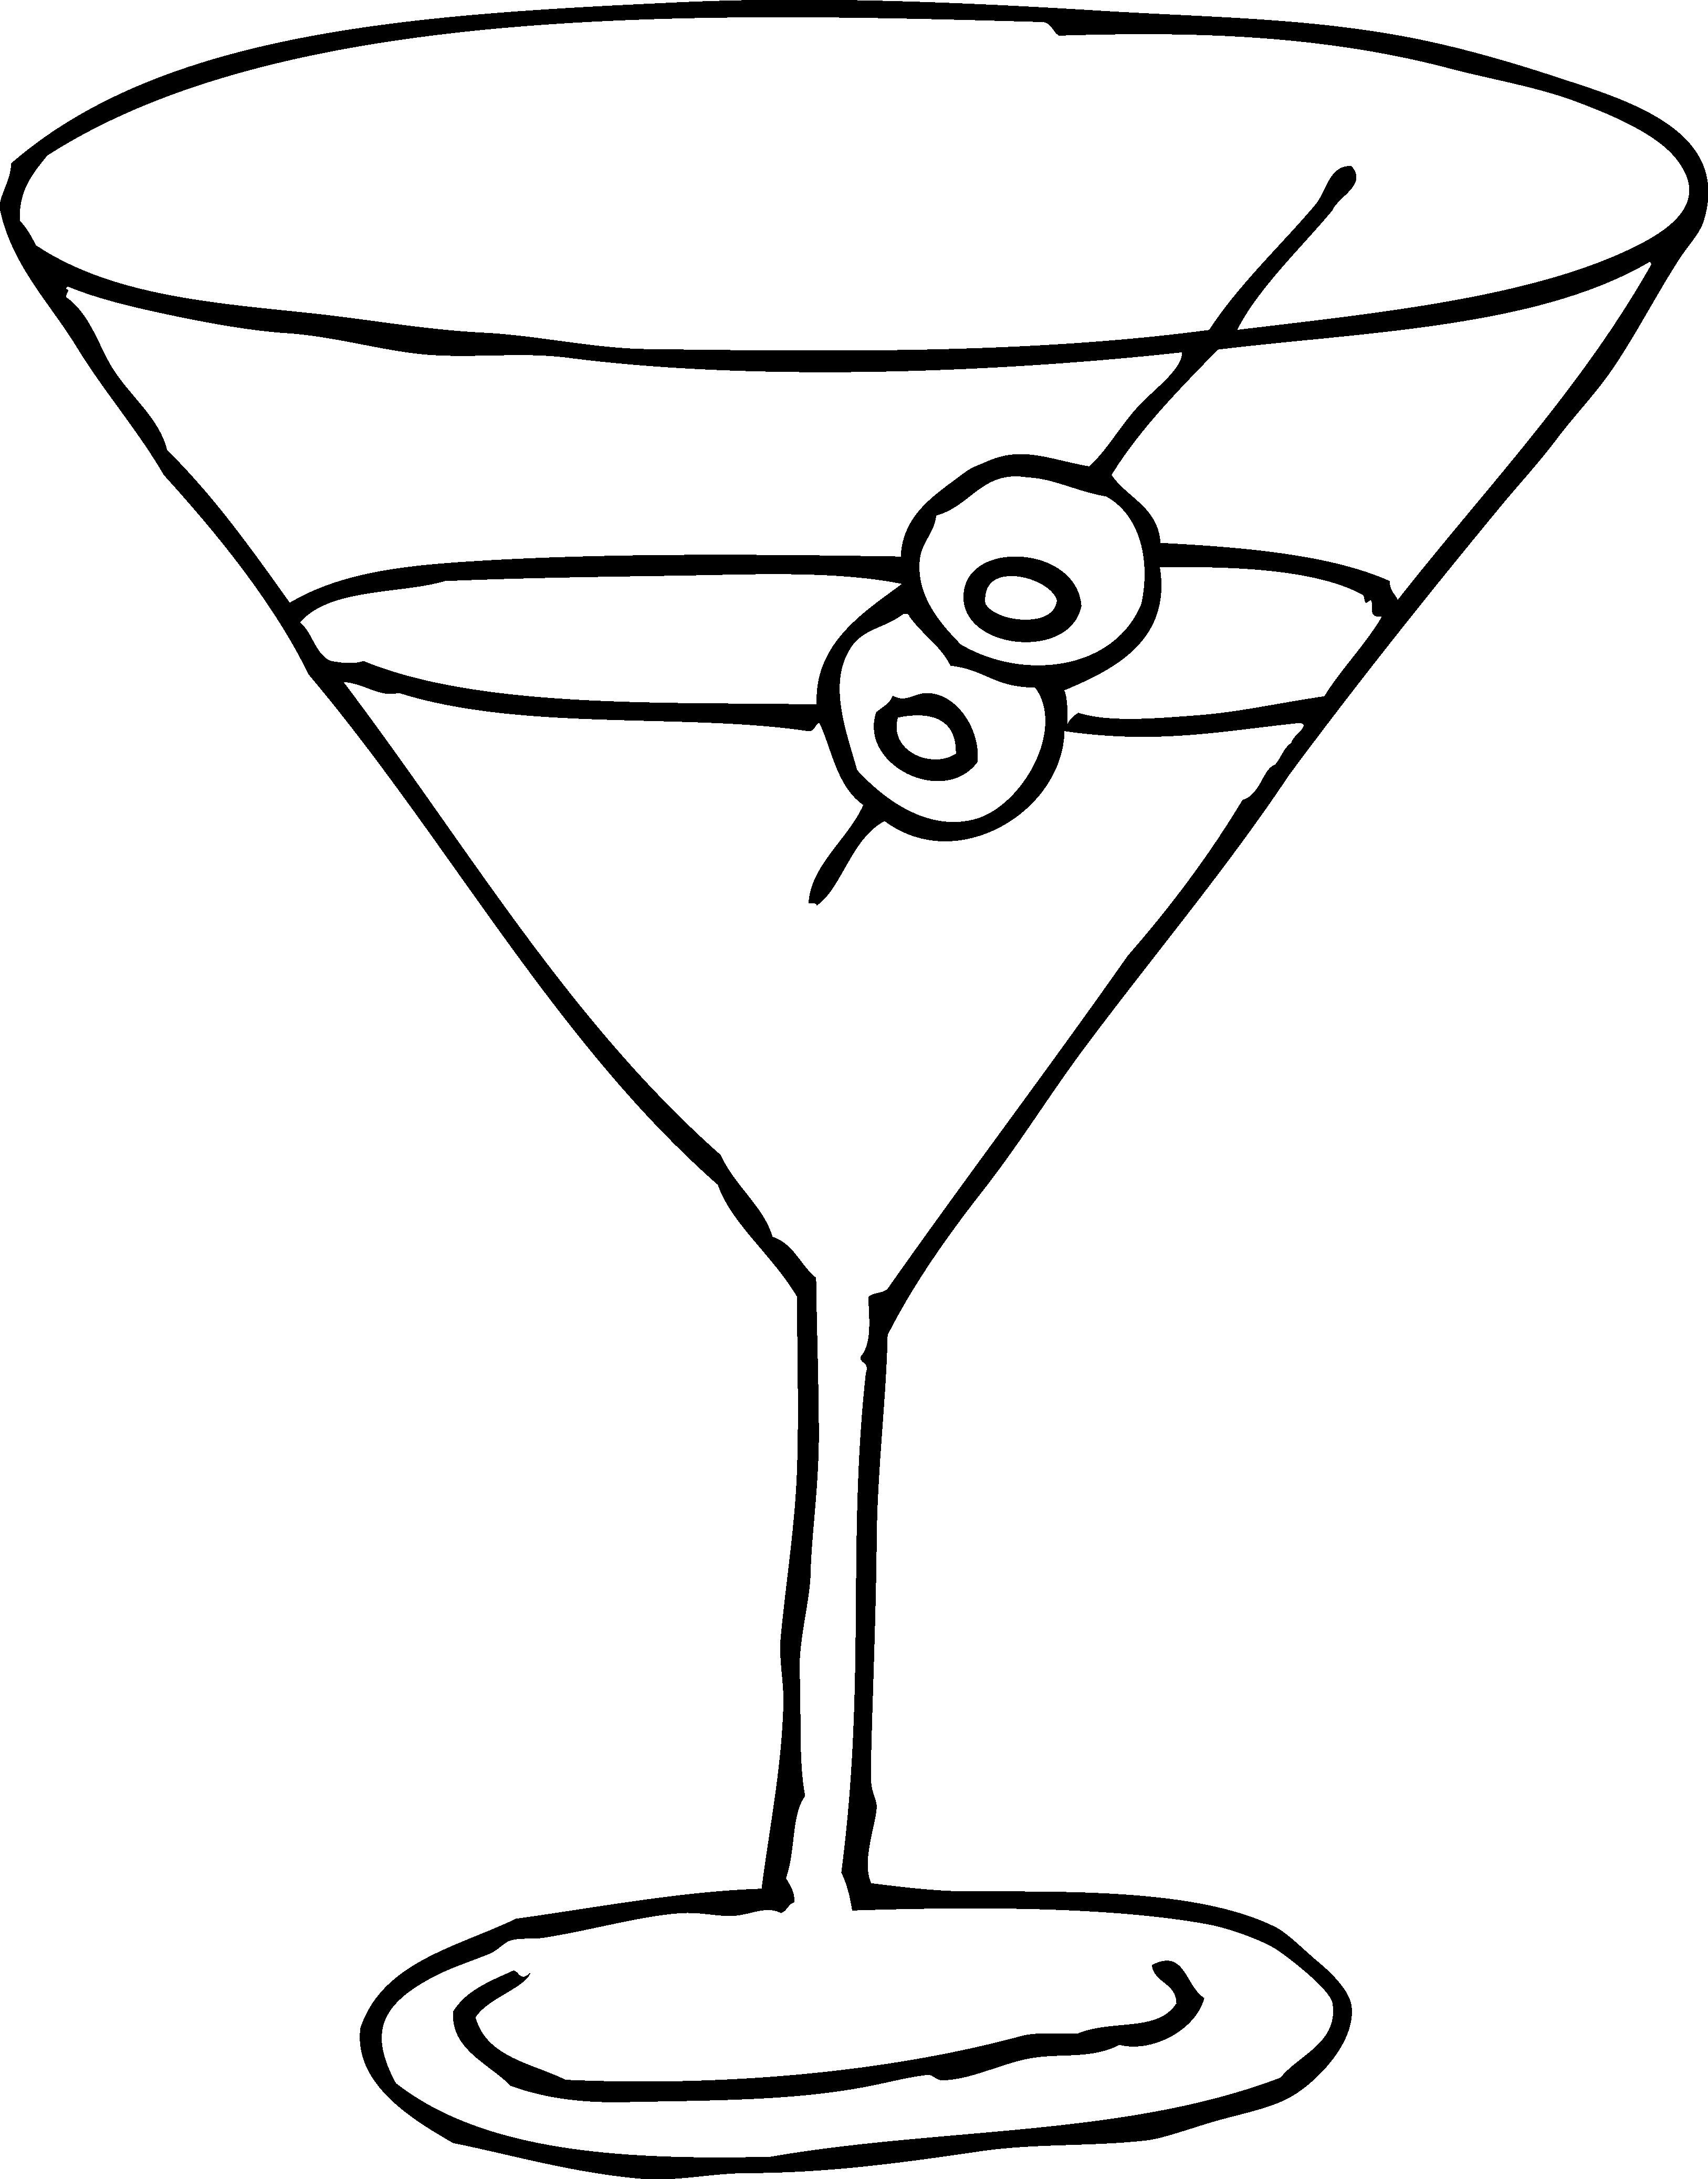 Drinking glass black and. Clipart glasses lemonade